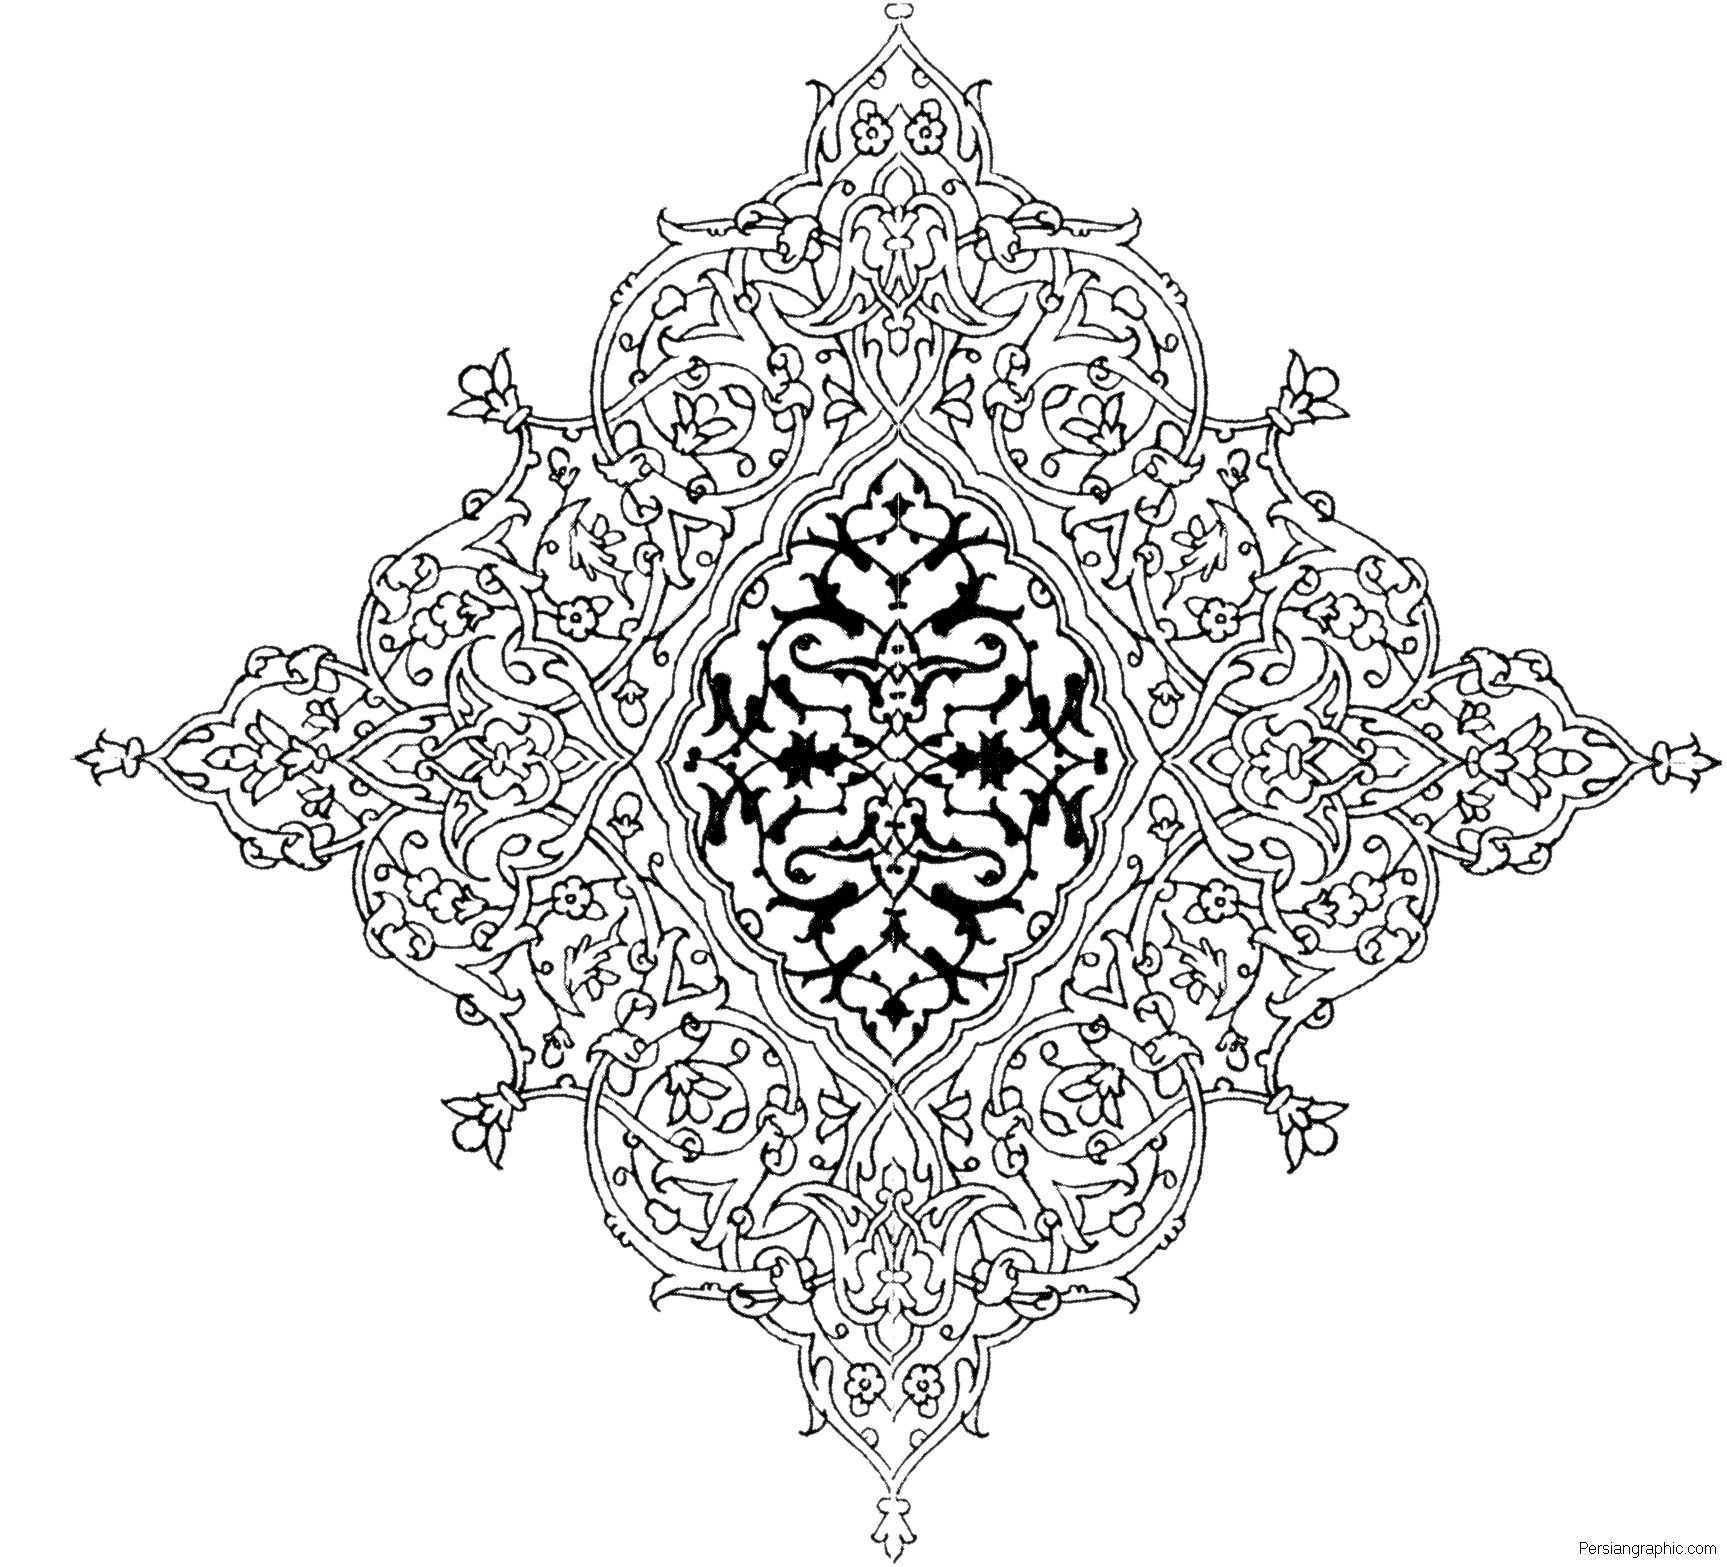 Eslimi 25 20091020 1129884660 Jpg 1727 1567 Islamische Muster Ornamente Ausmalbilder